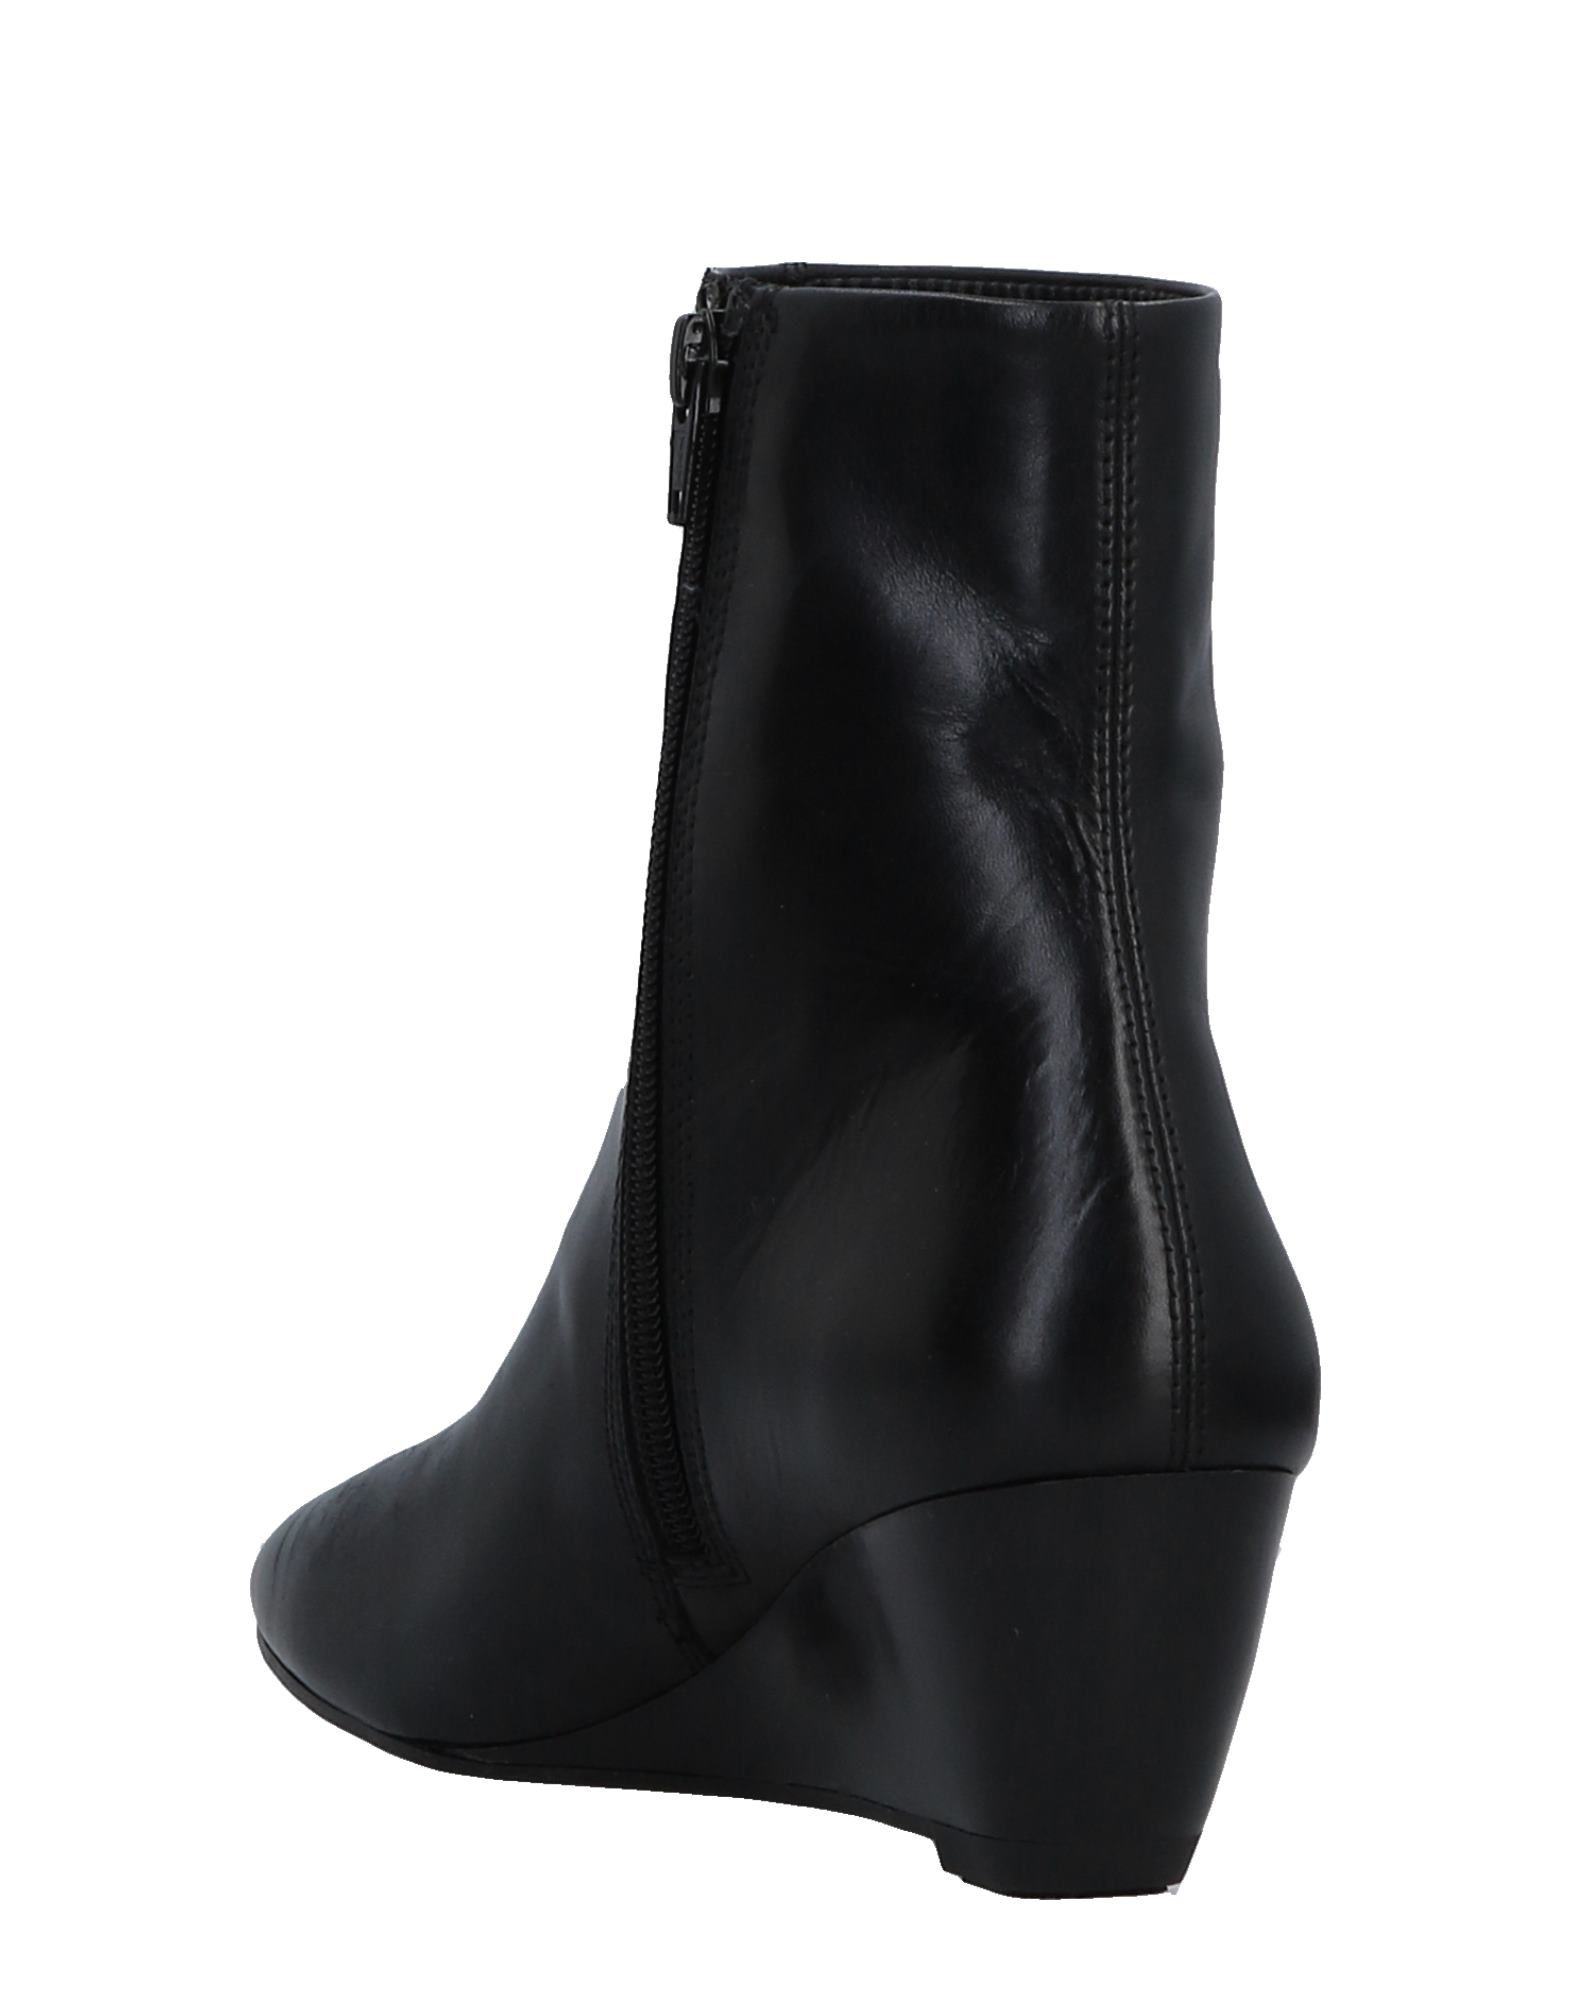 Stilvolle billige Damen Schuhe Vagabond Shoemakers Stiefelette Damen billige  11512868PX 3960b8